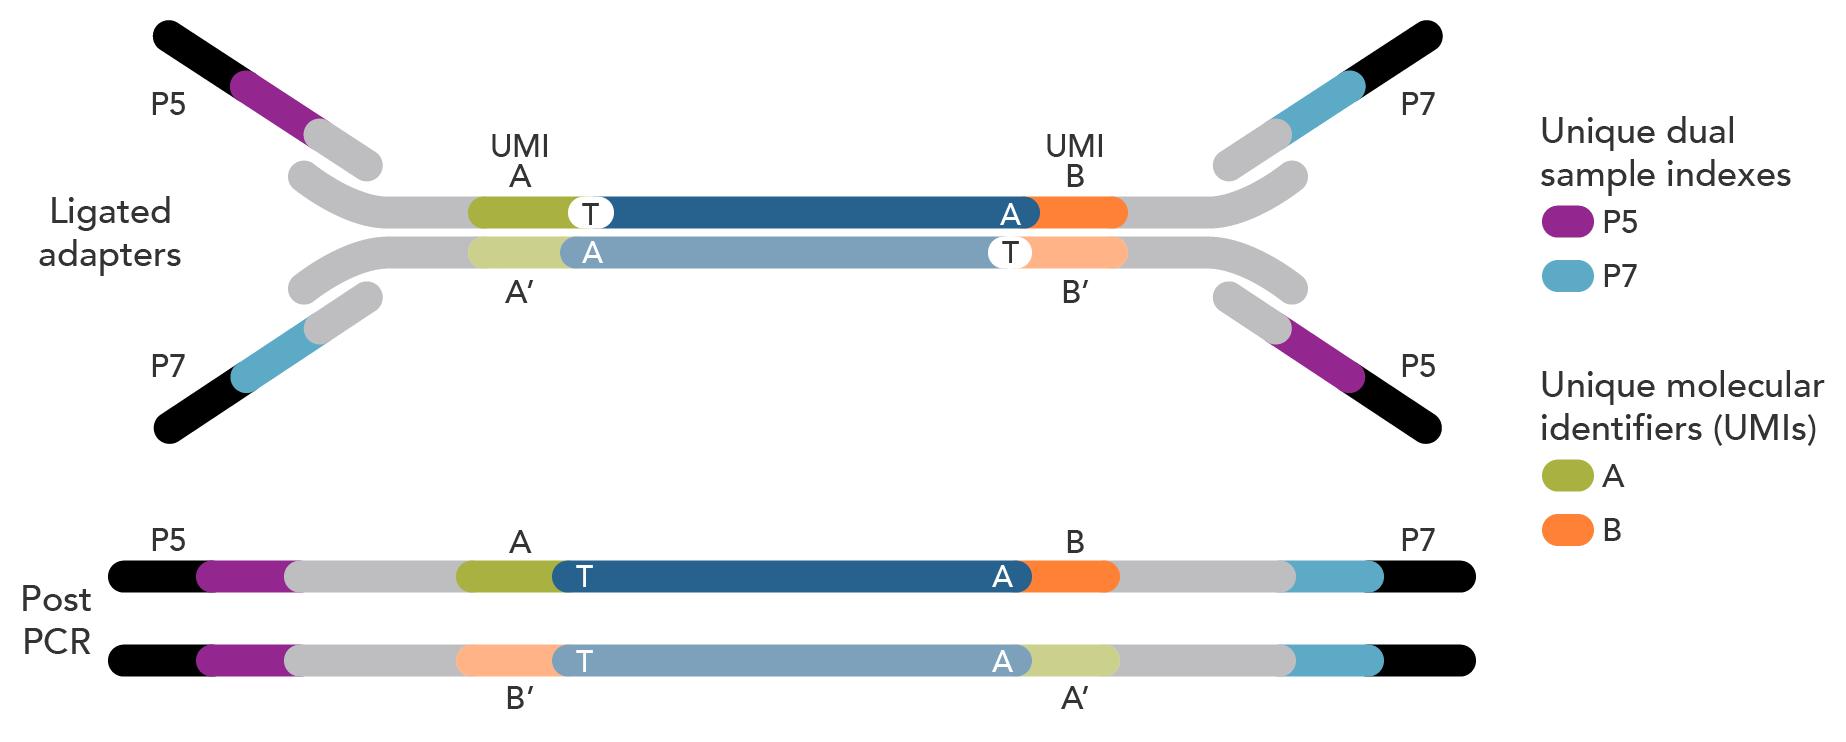 xGen Dual Index UMI Adapter